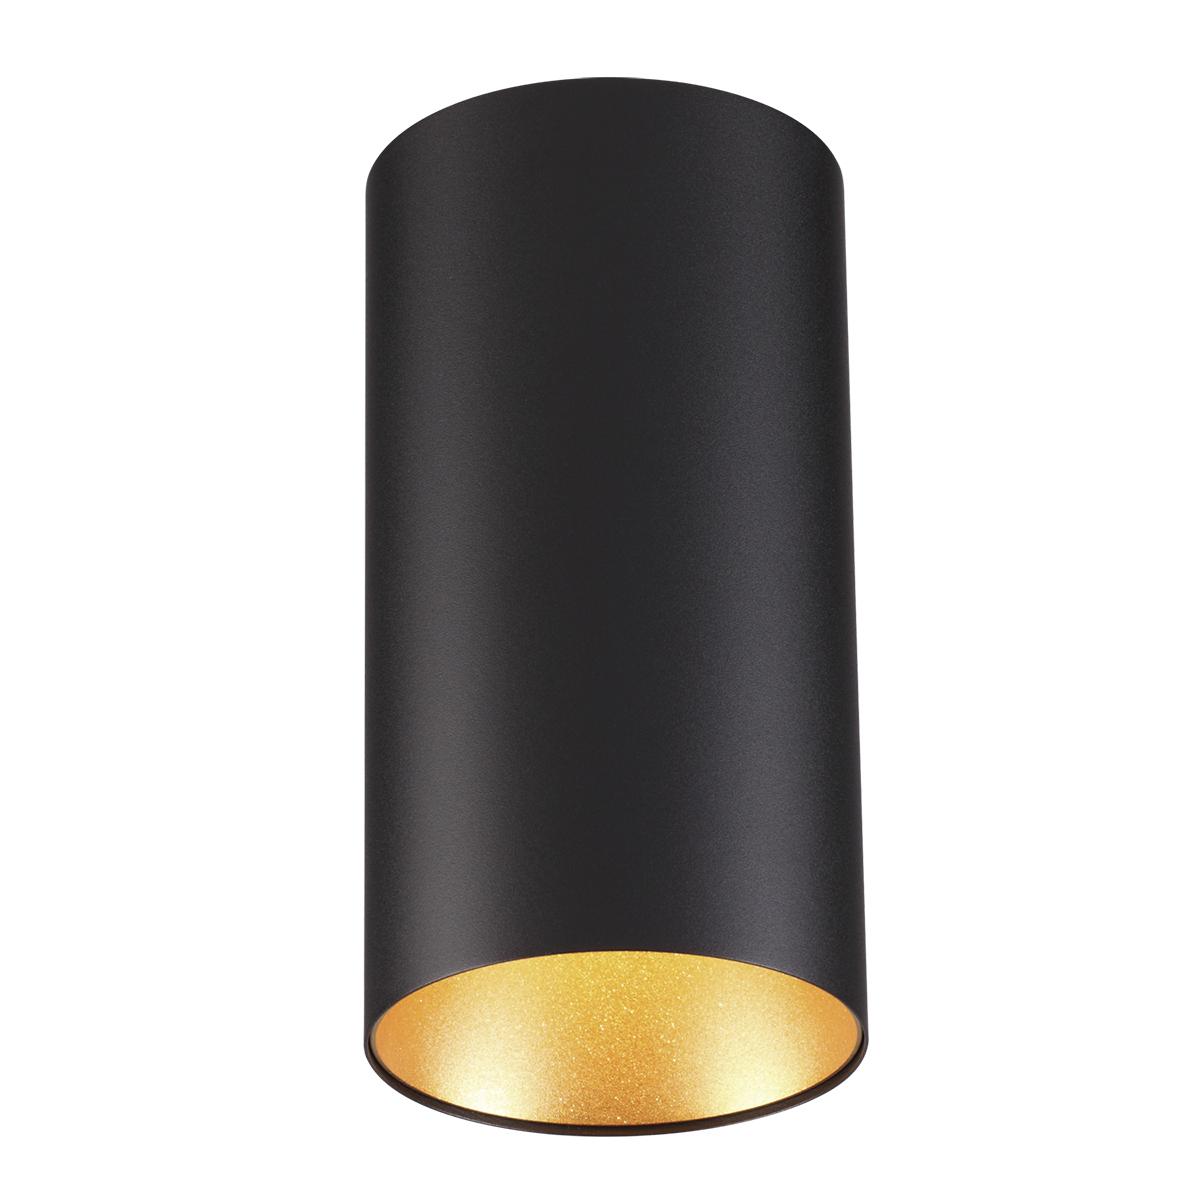 Потолочный светильник Odeon Light Prody 3555/1C, 1xGU10x50W - фото 1